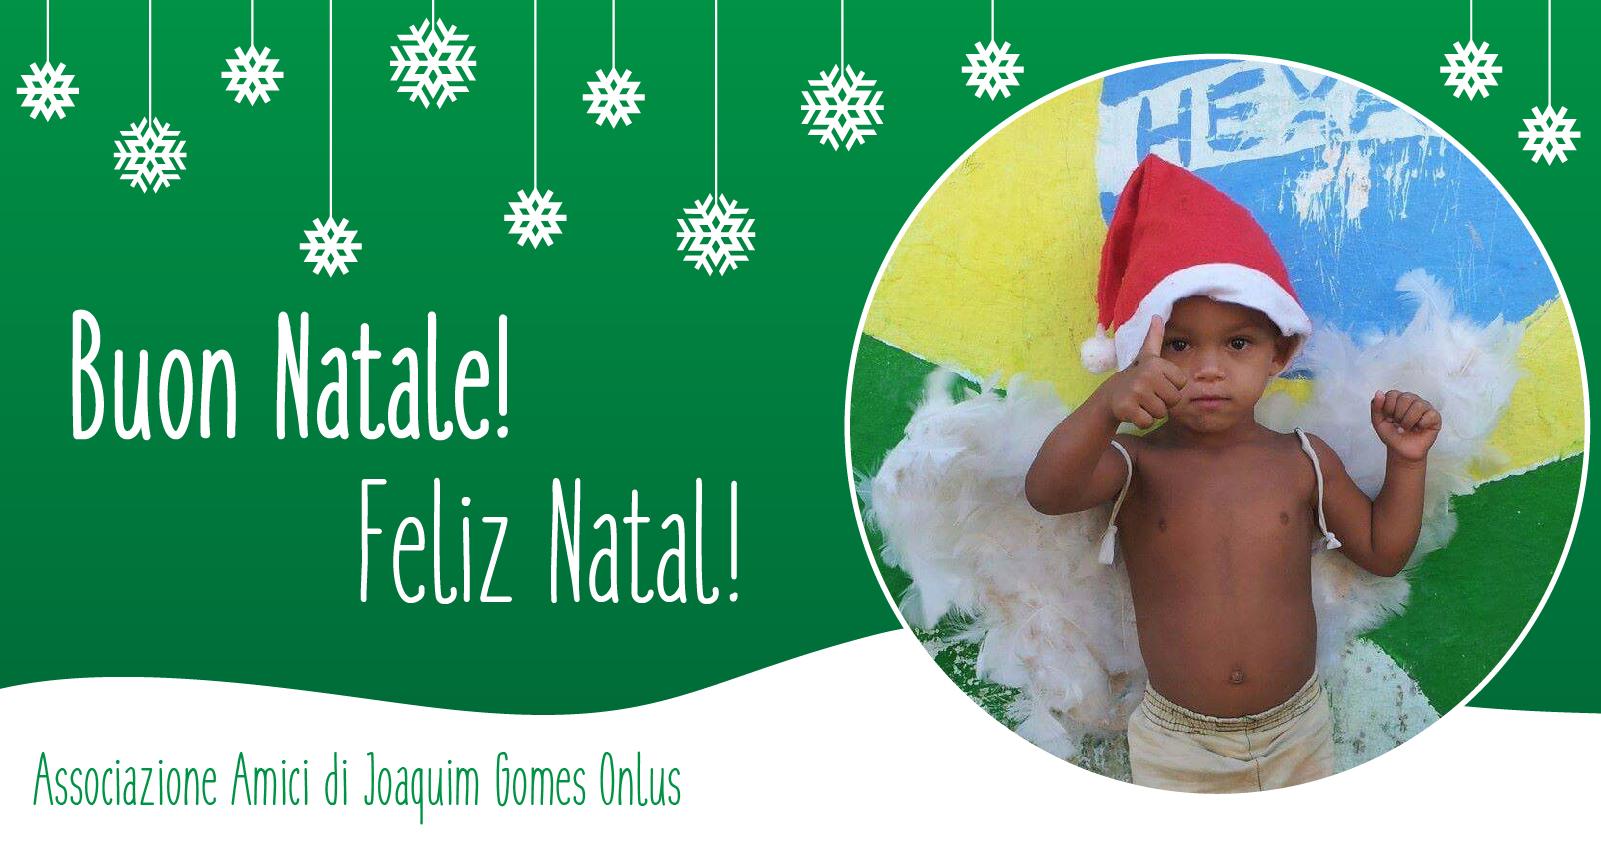 Buon Natale dagli Amici di Joaquim Gomes!